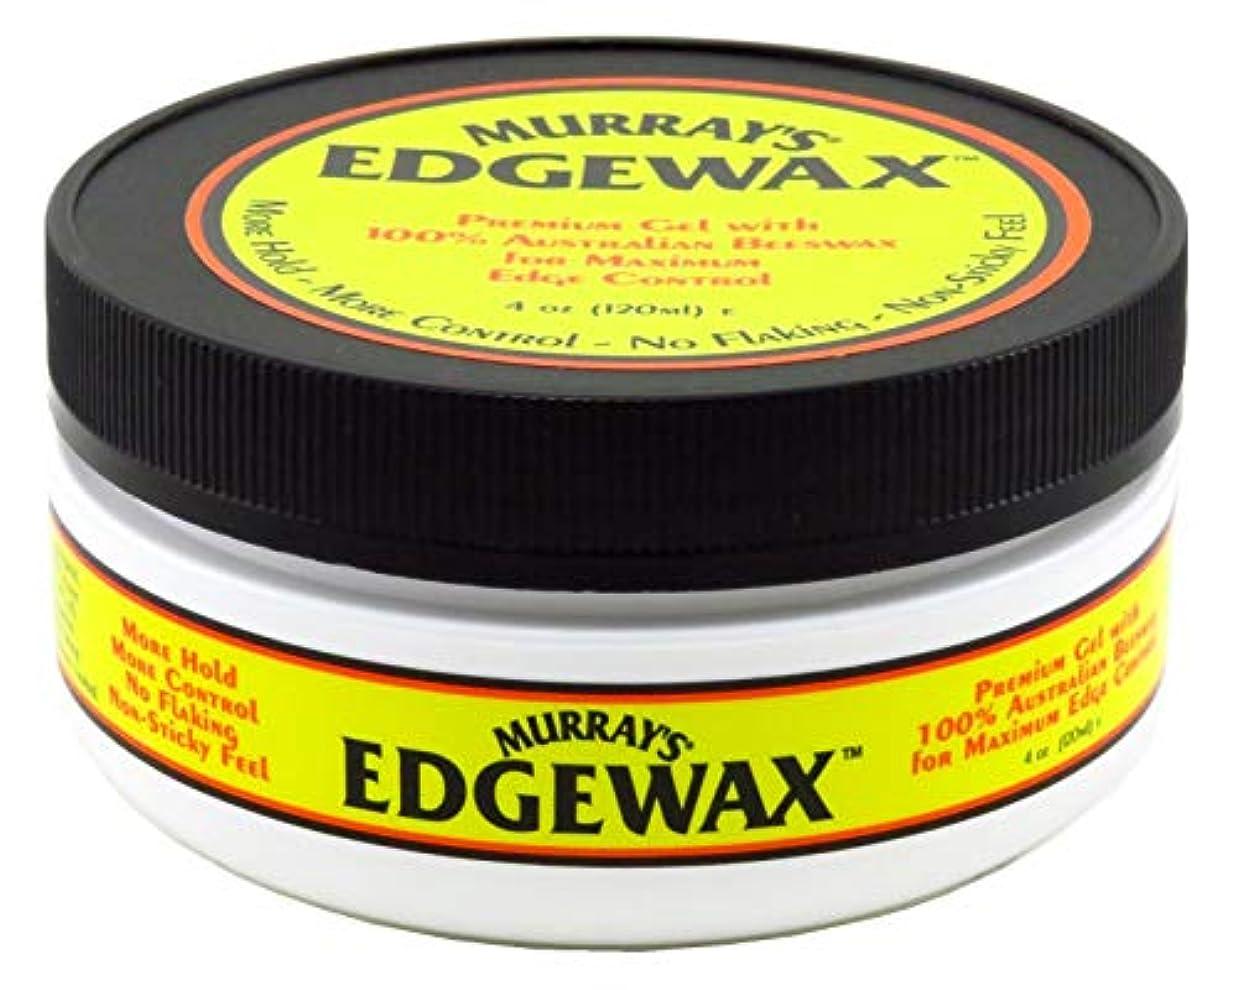 パン誘う亡命Murrays マレー'S Edgewax 100%オーストラリア蜜蝋、3パック